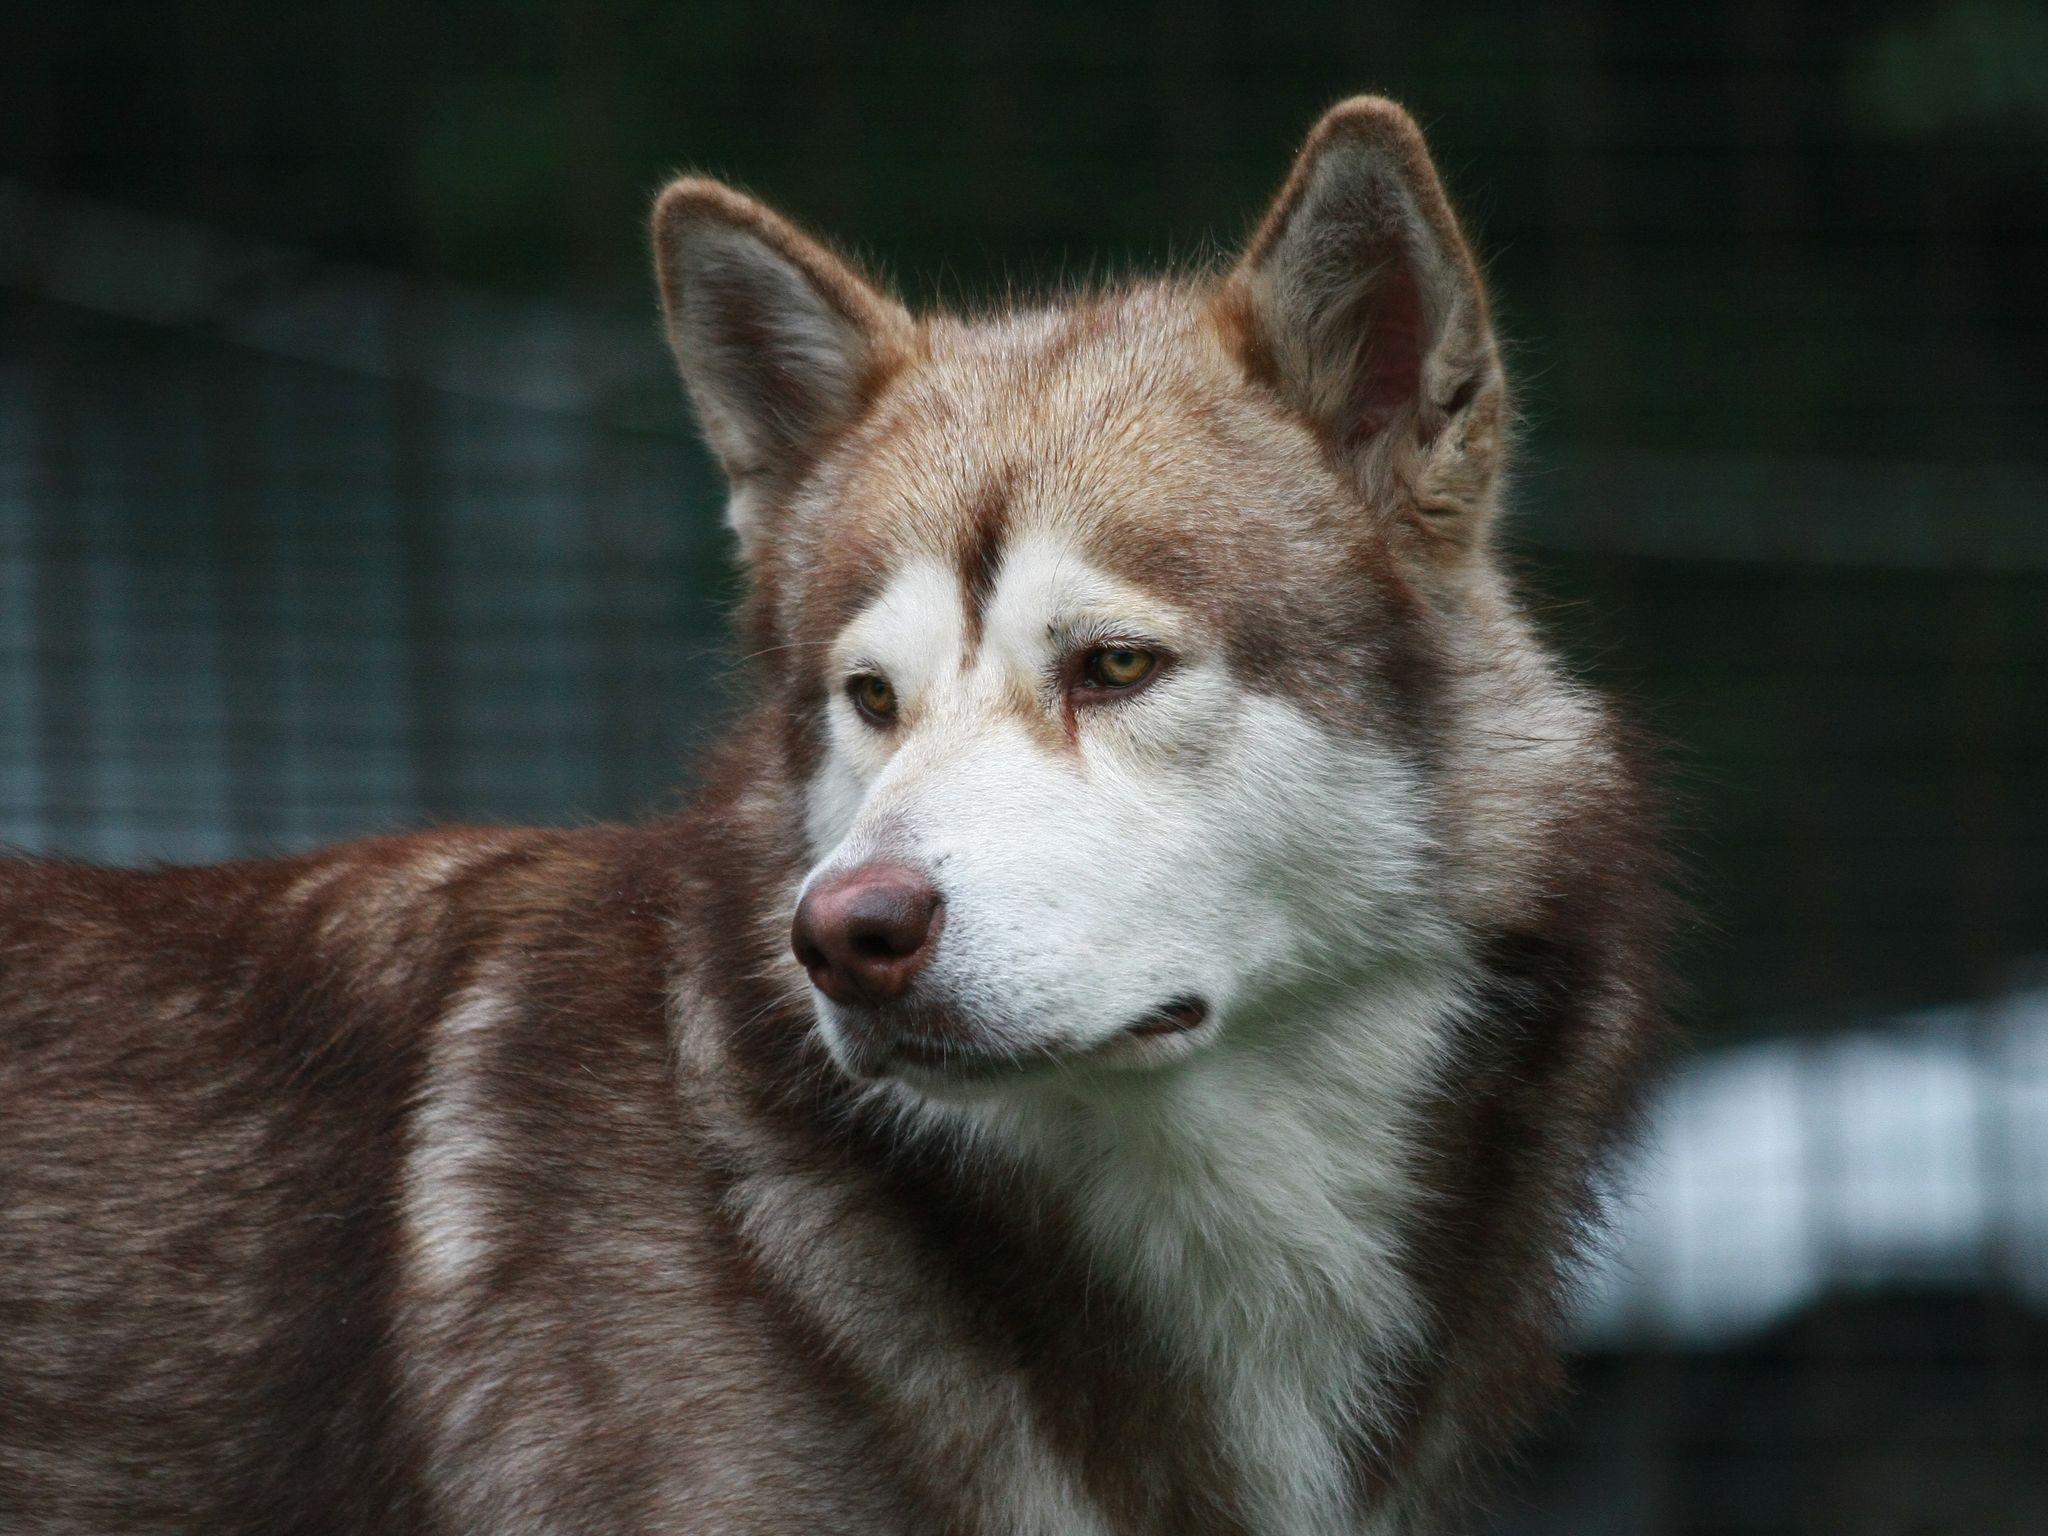 50477 скачать обои Животные, Собака, Печаль, Морда, Коричневый, Белый - заставки и картинки бесплатно